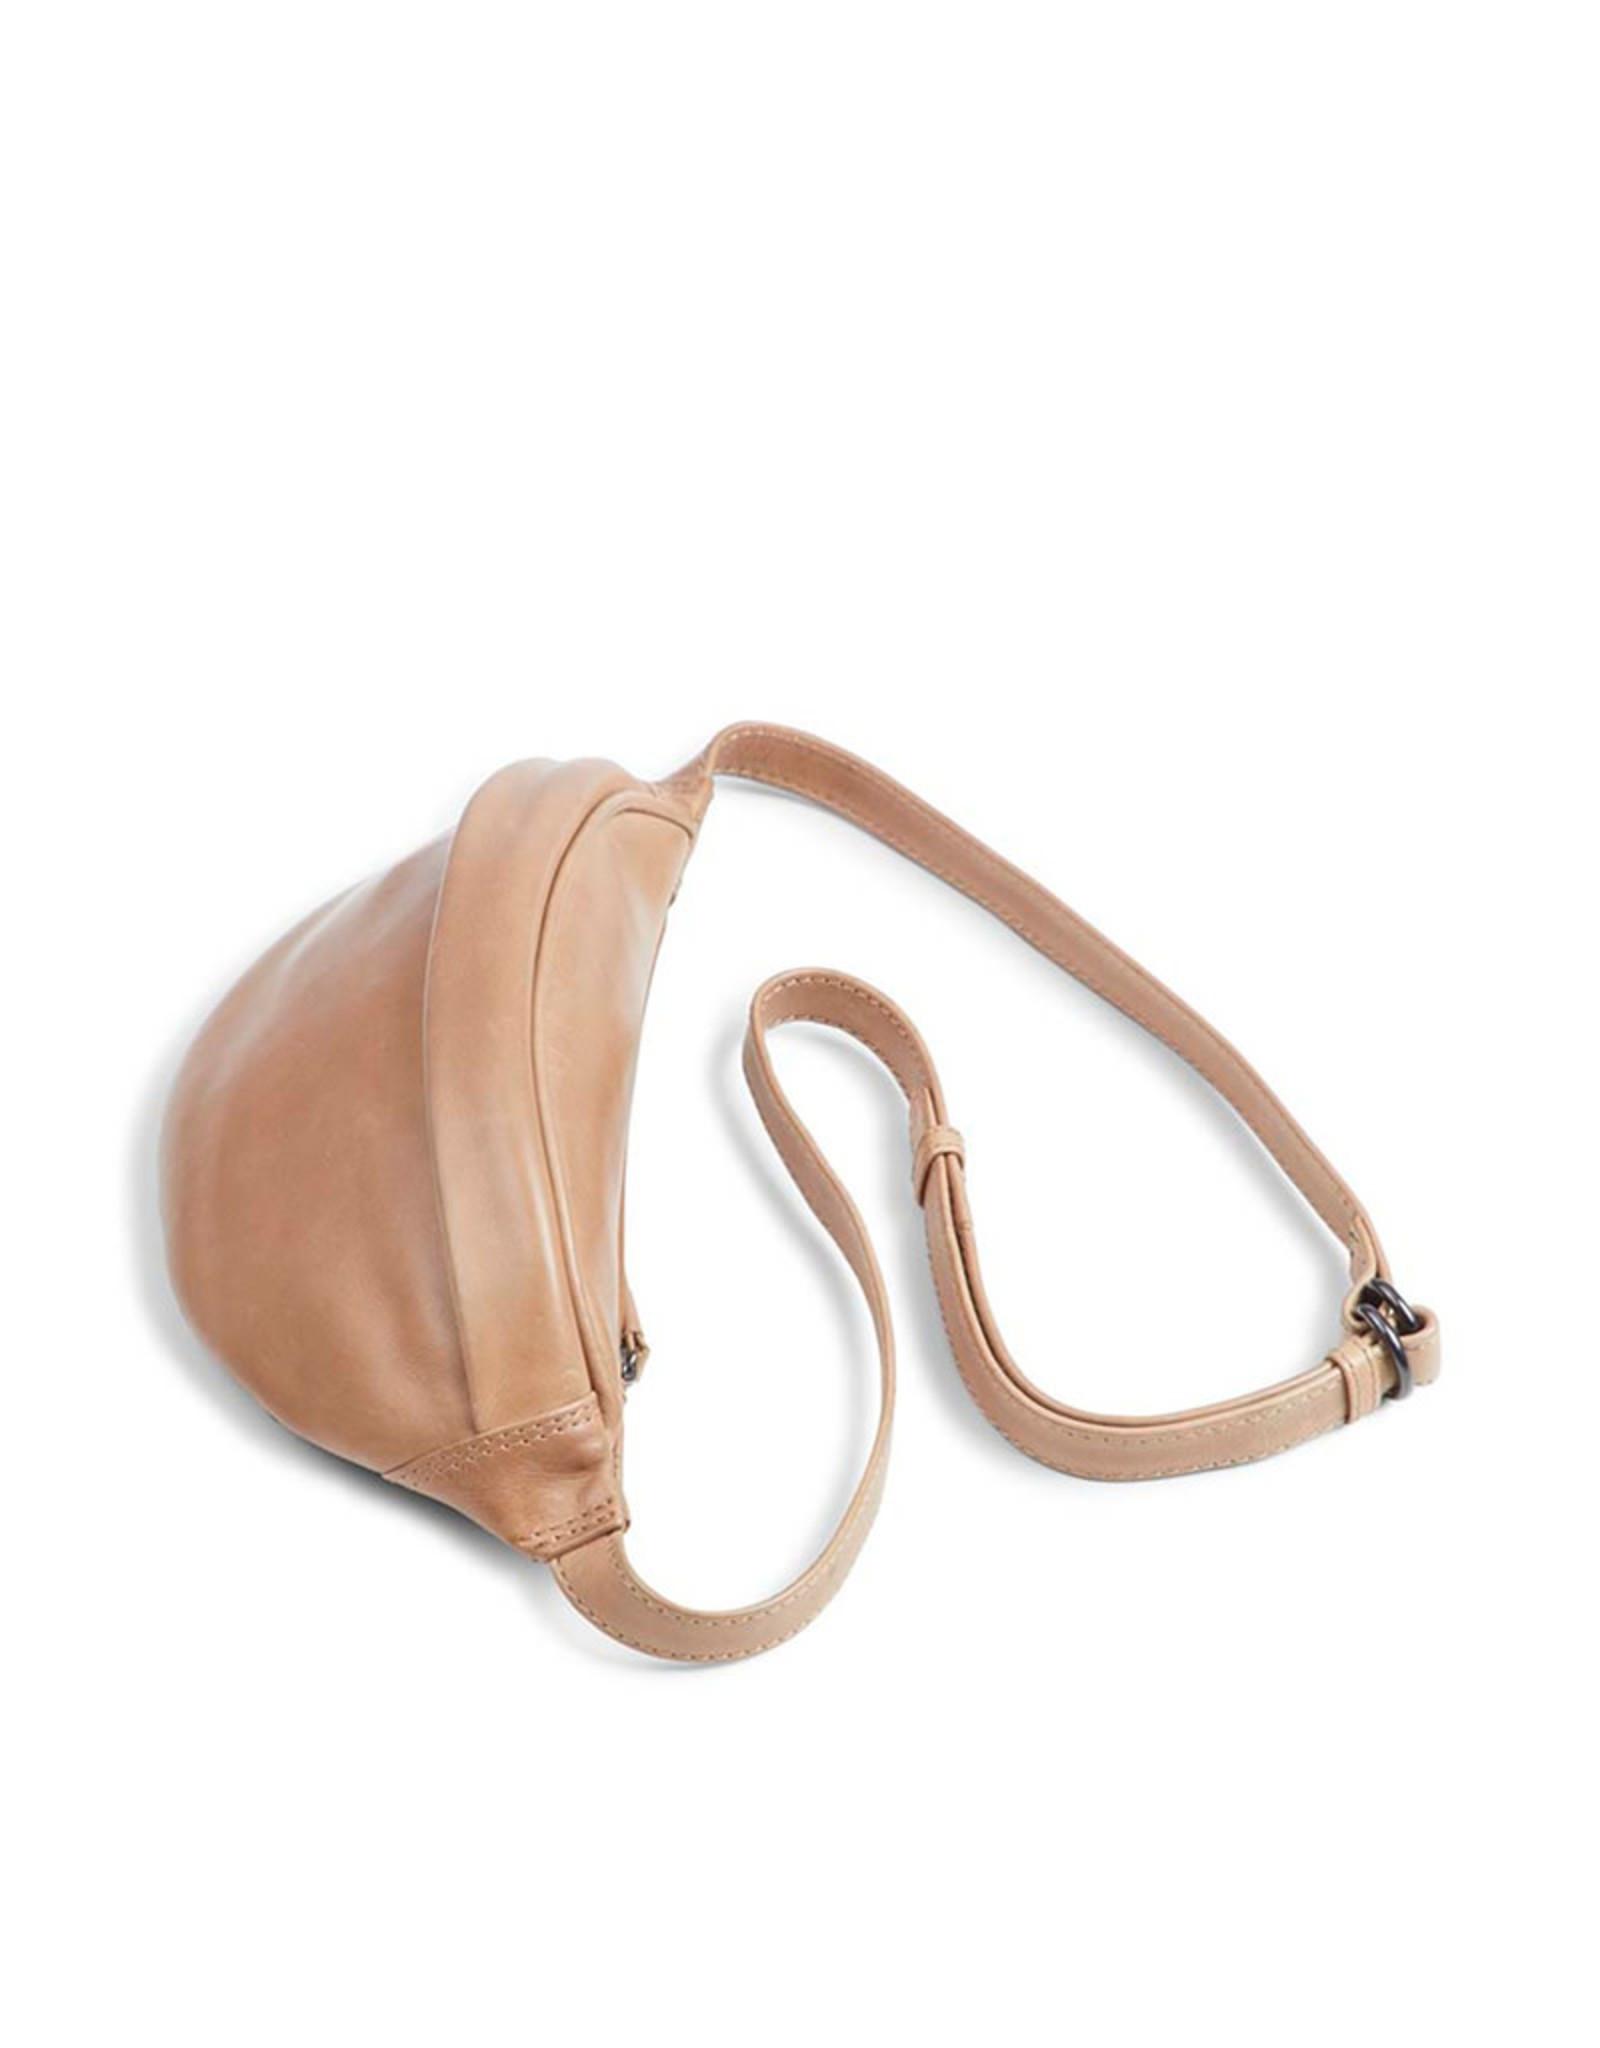 Markberg Vida Bum Bag